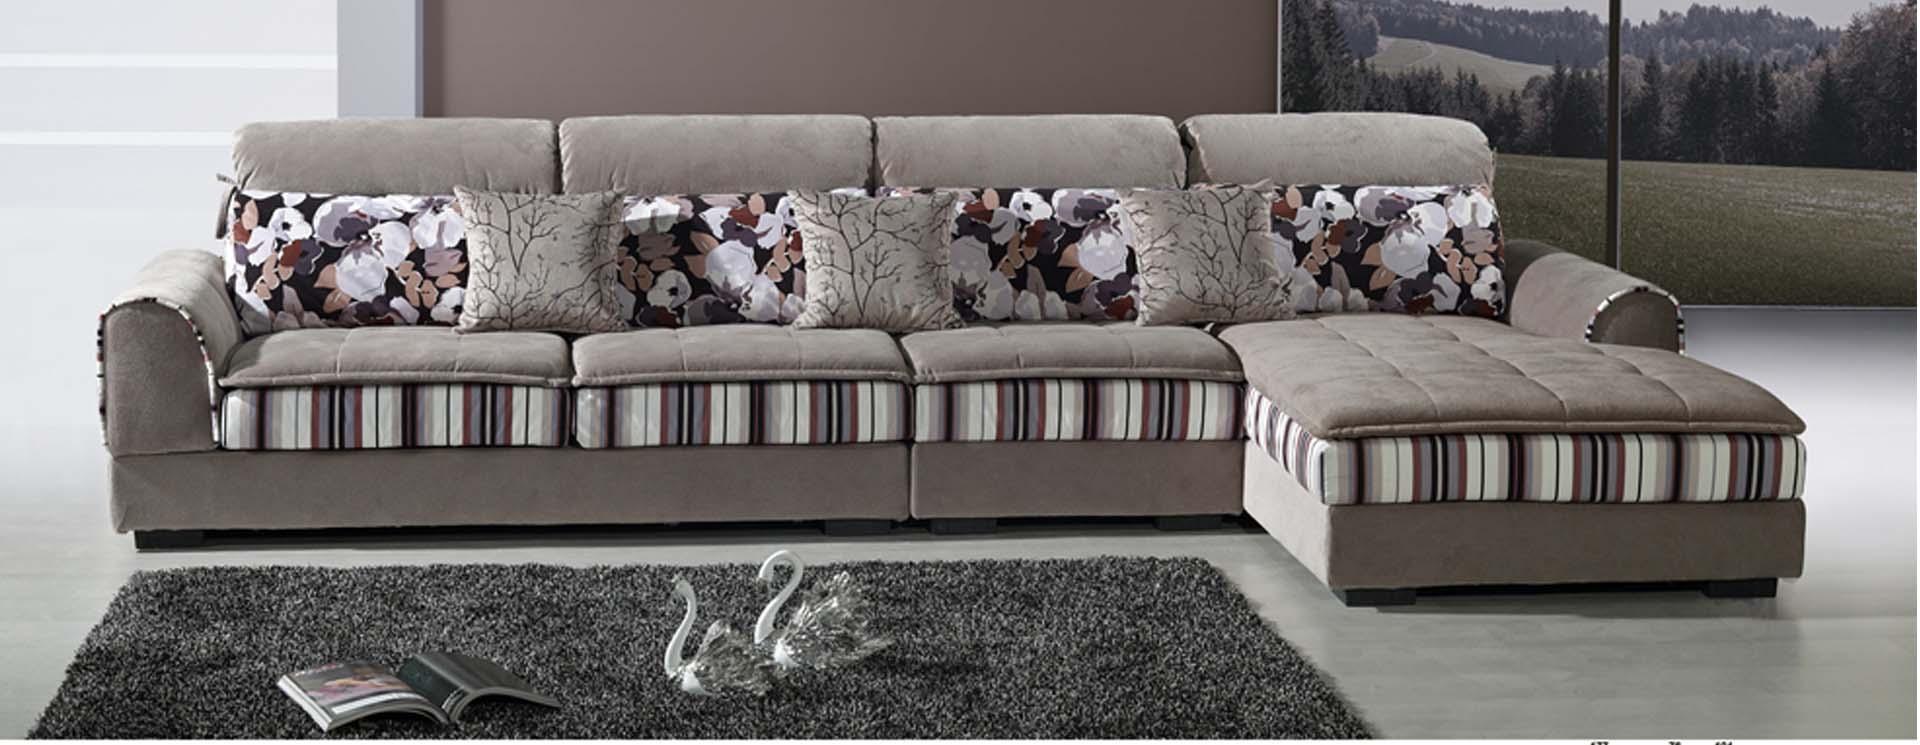 名称:沙发E-631#A<br/> 市场价:<font style='color:#999;text-decoration:line-through;'>¥0</font><br />全国统一零售价:<font color='Red'>¥0.0</font>